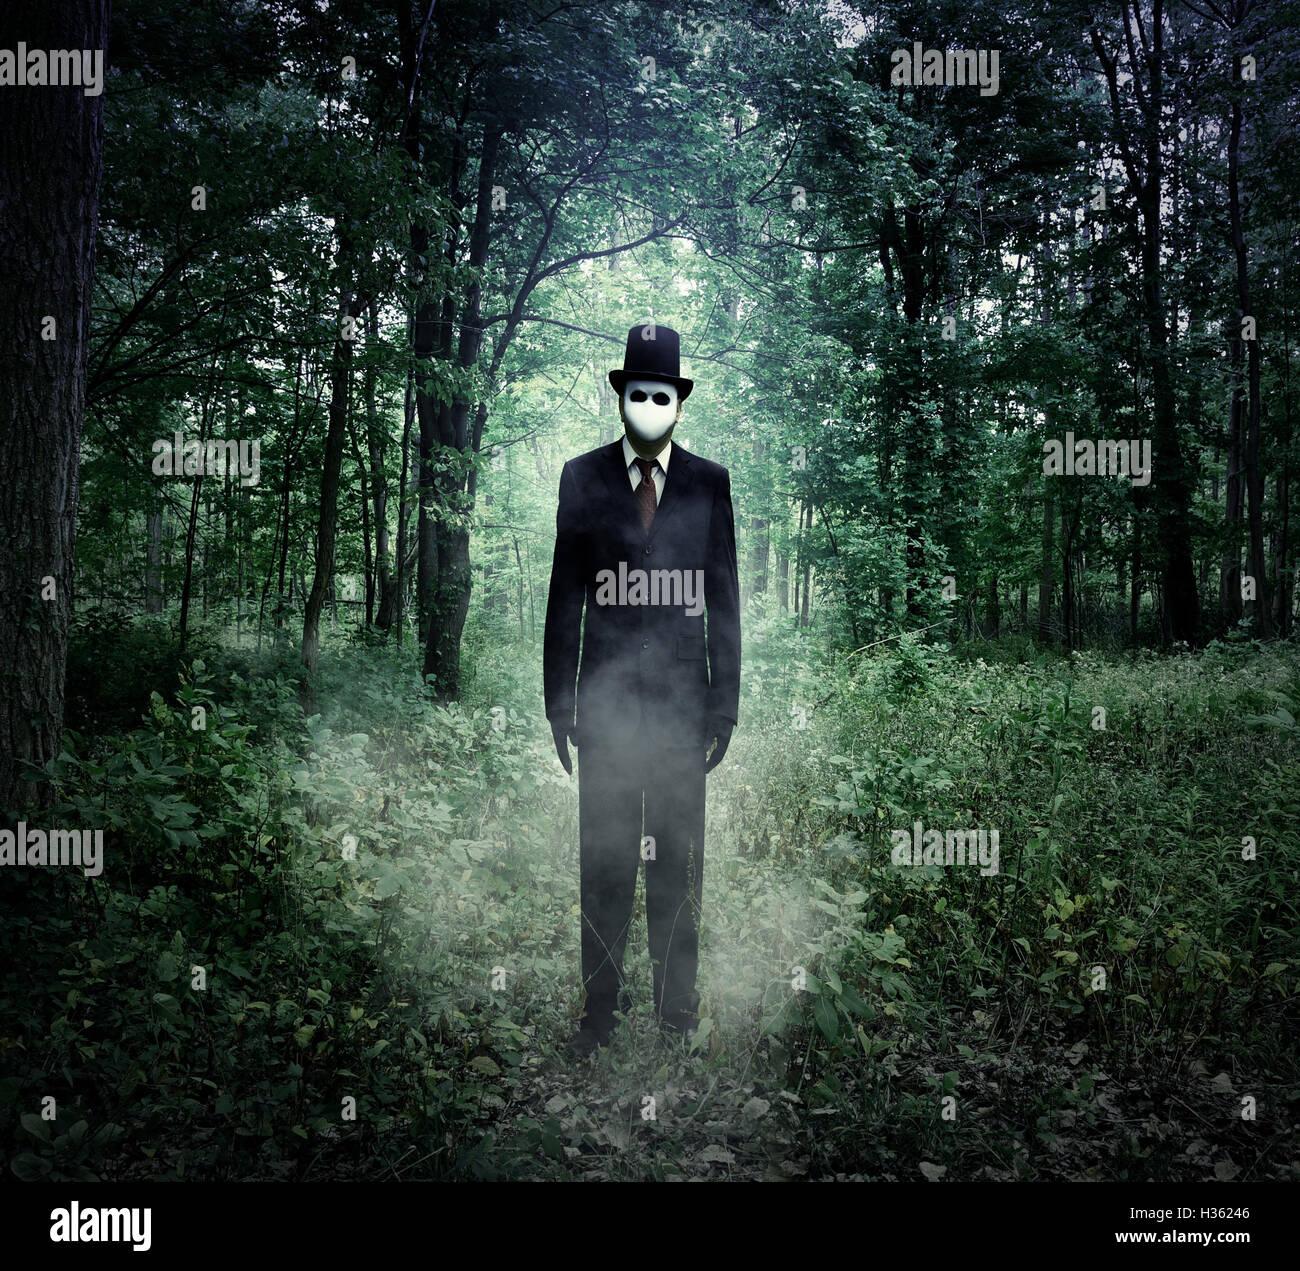 Un grand homme effrayant dans un costume noir est debout dans le bois sombre de la nuit avec du brouillard pour Photo Stock